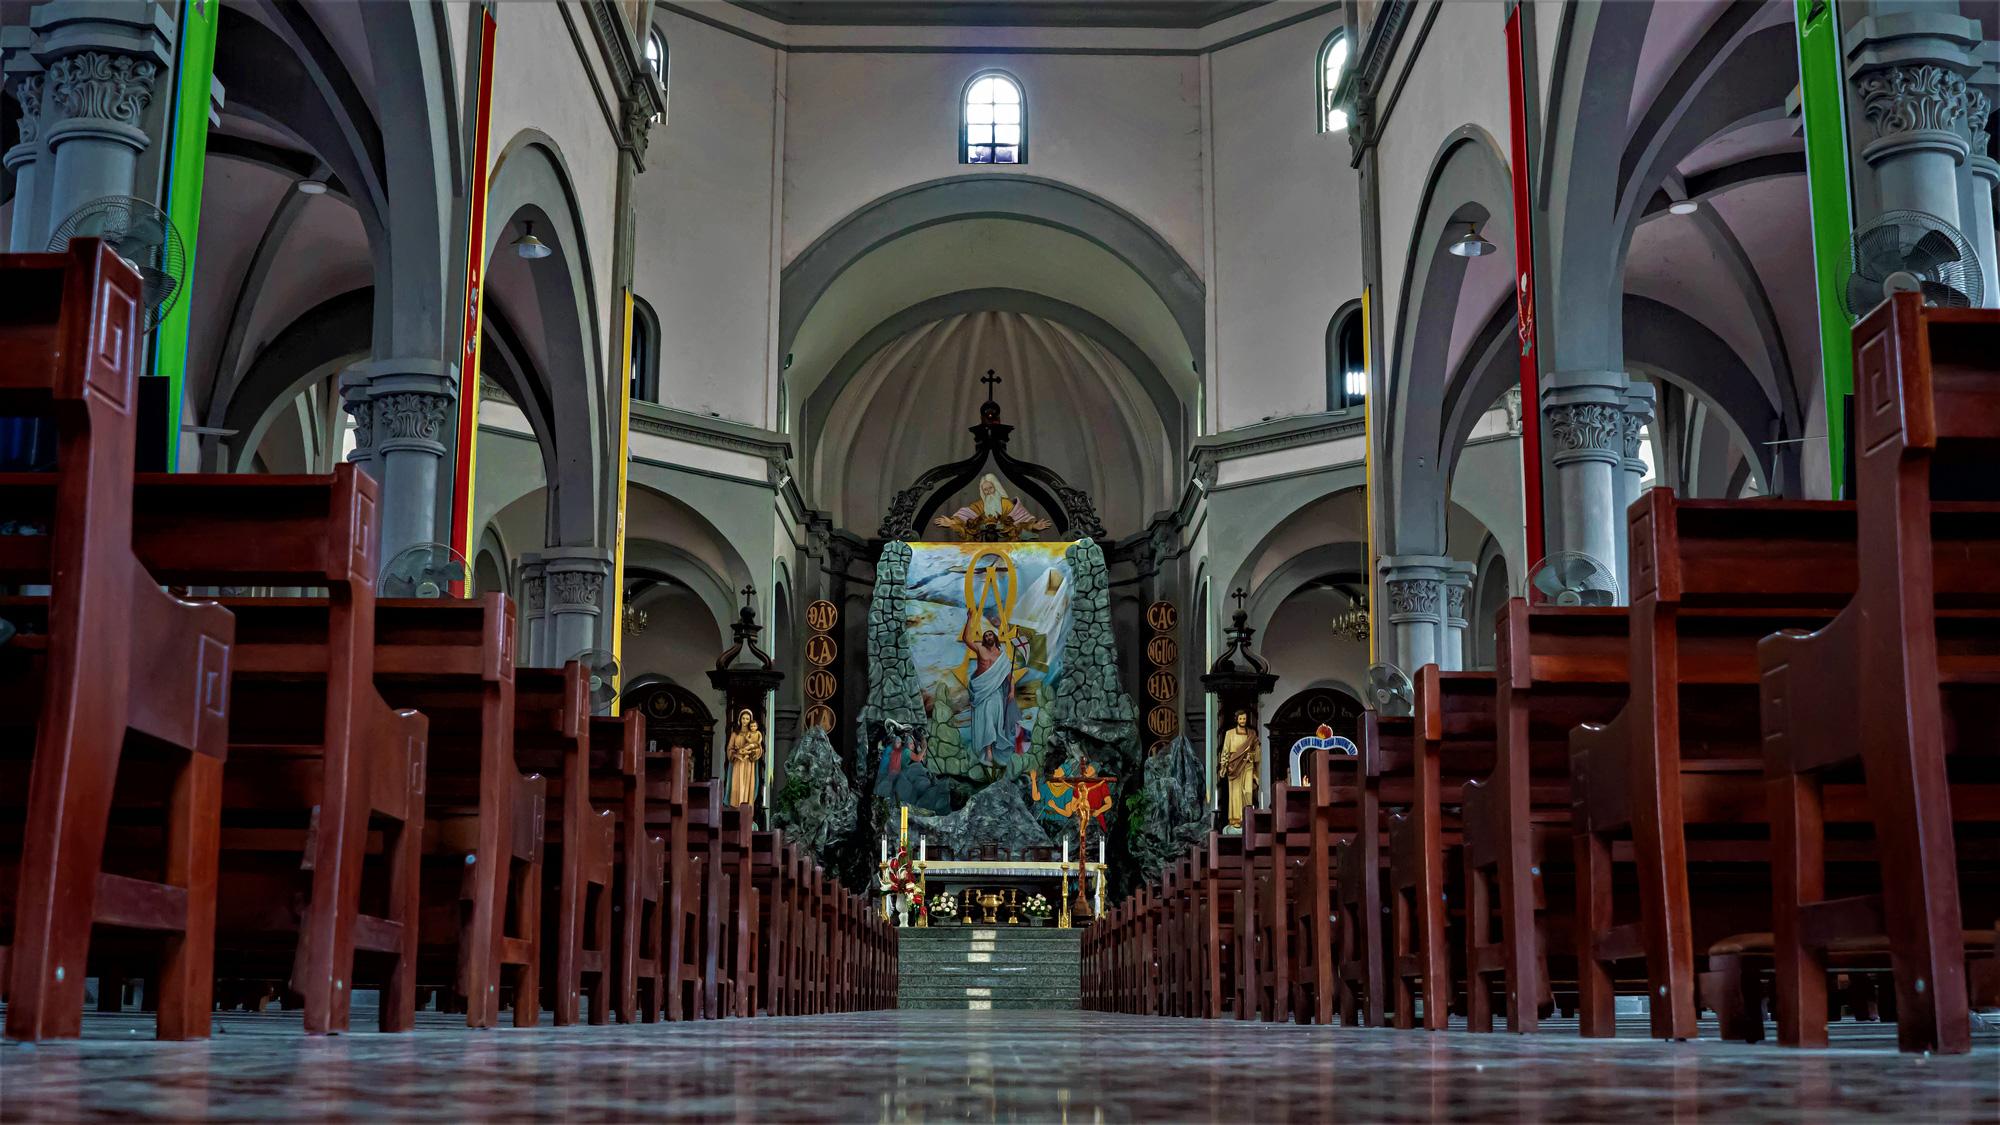 Về thăm nhà thờ Khoái Đồng, nơi thờ hiện thân của ông già Noel - Ảnh 18.